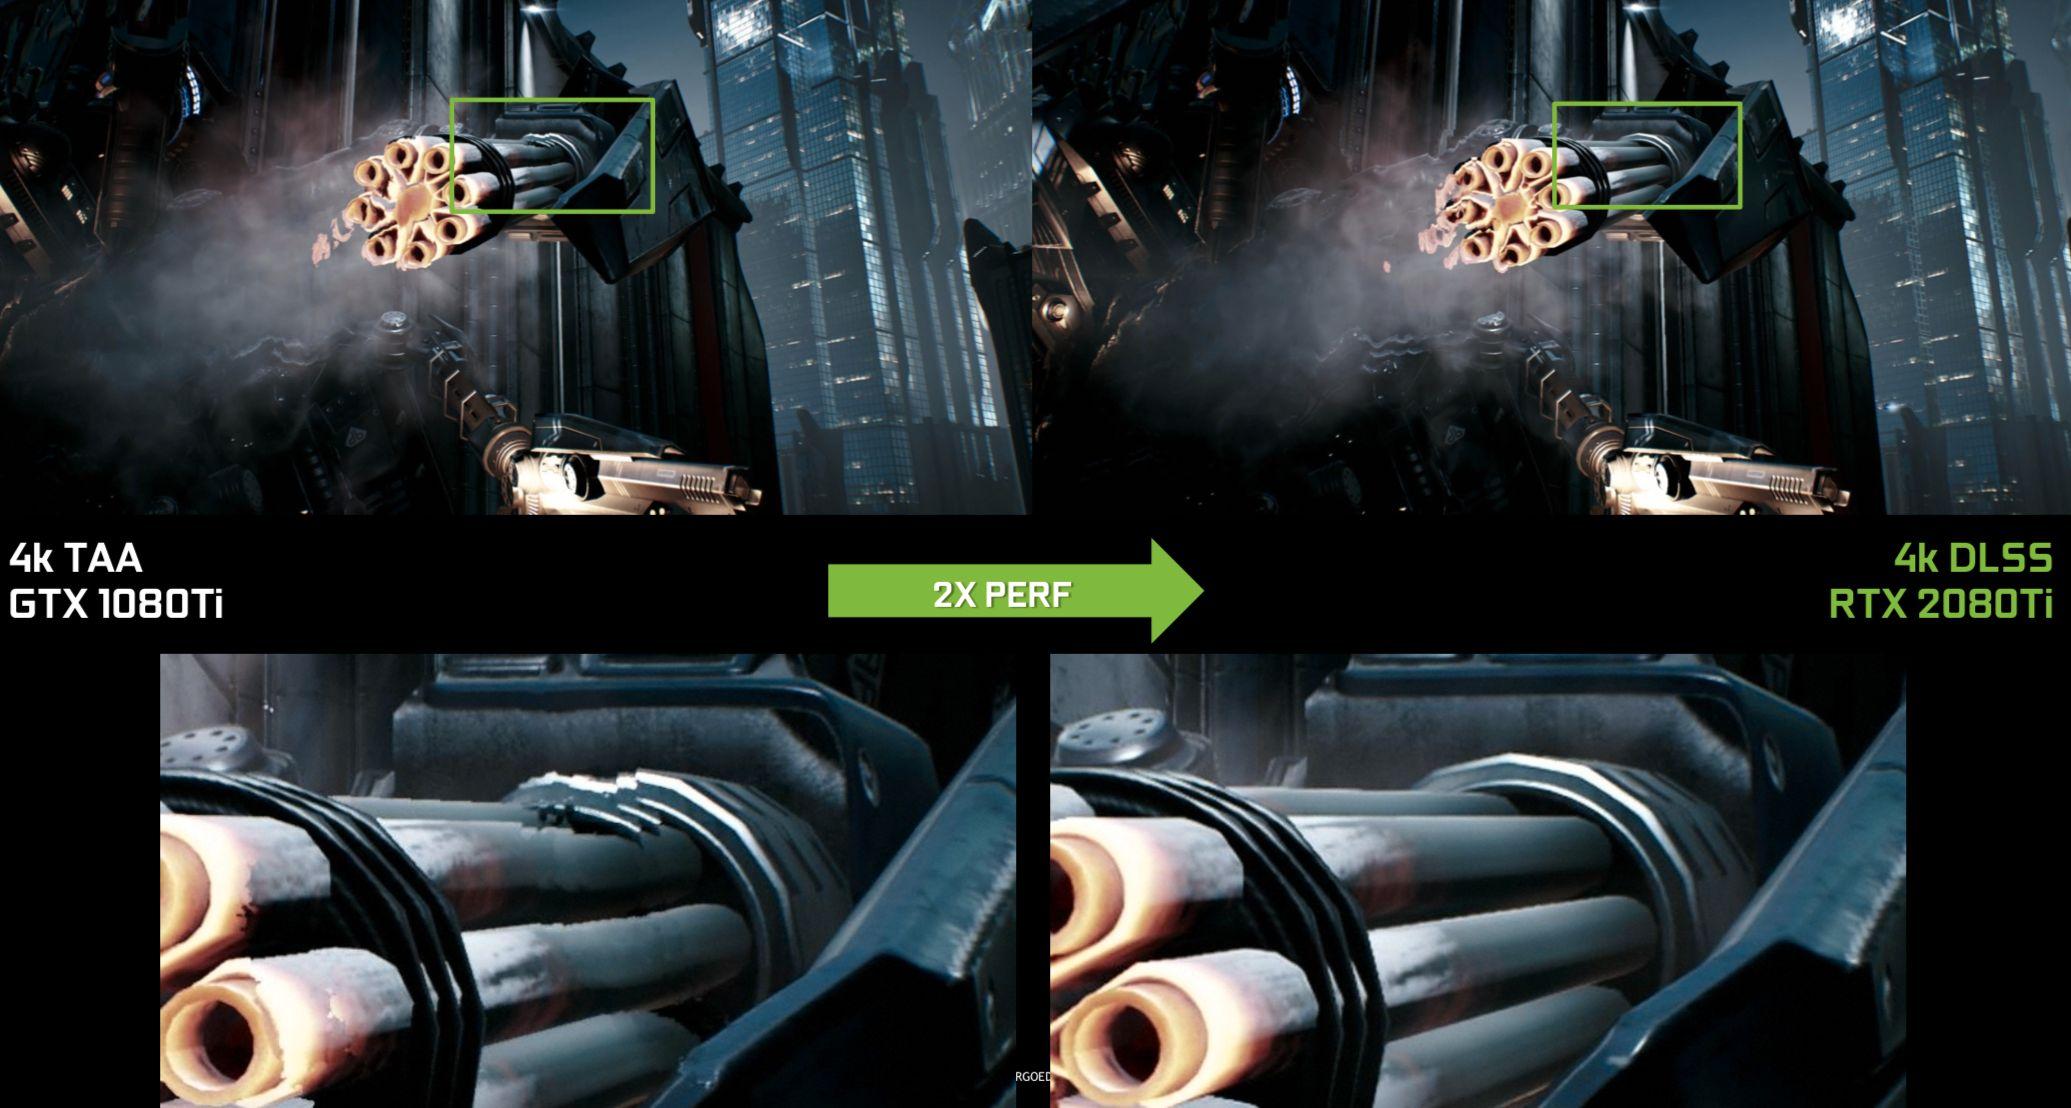 Fordi DLSS har ovd pa utjevning i hvert spill pa en superdatamaskin kan den legge inn feilkorrigering for a unngå artefakter som sett hos TAA-teknikken til venstre.